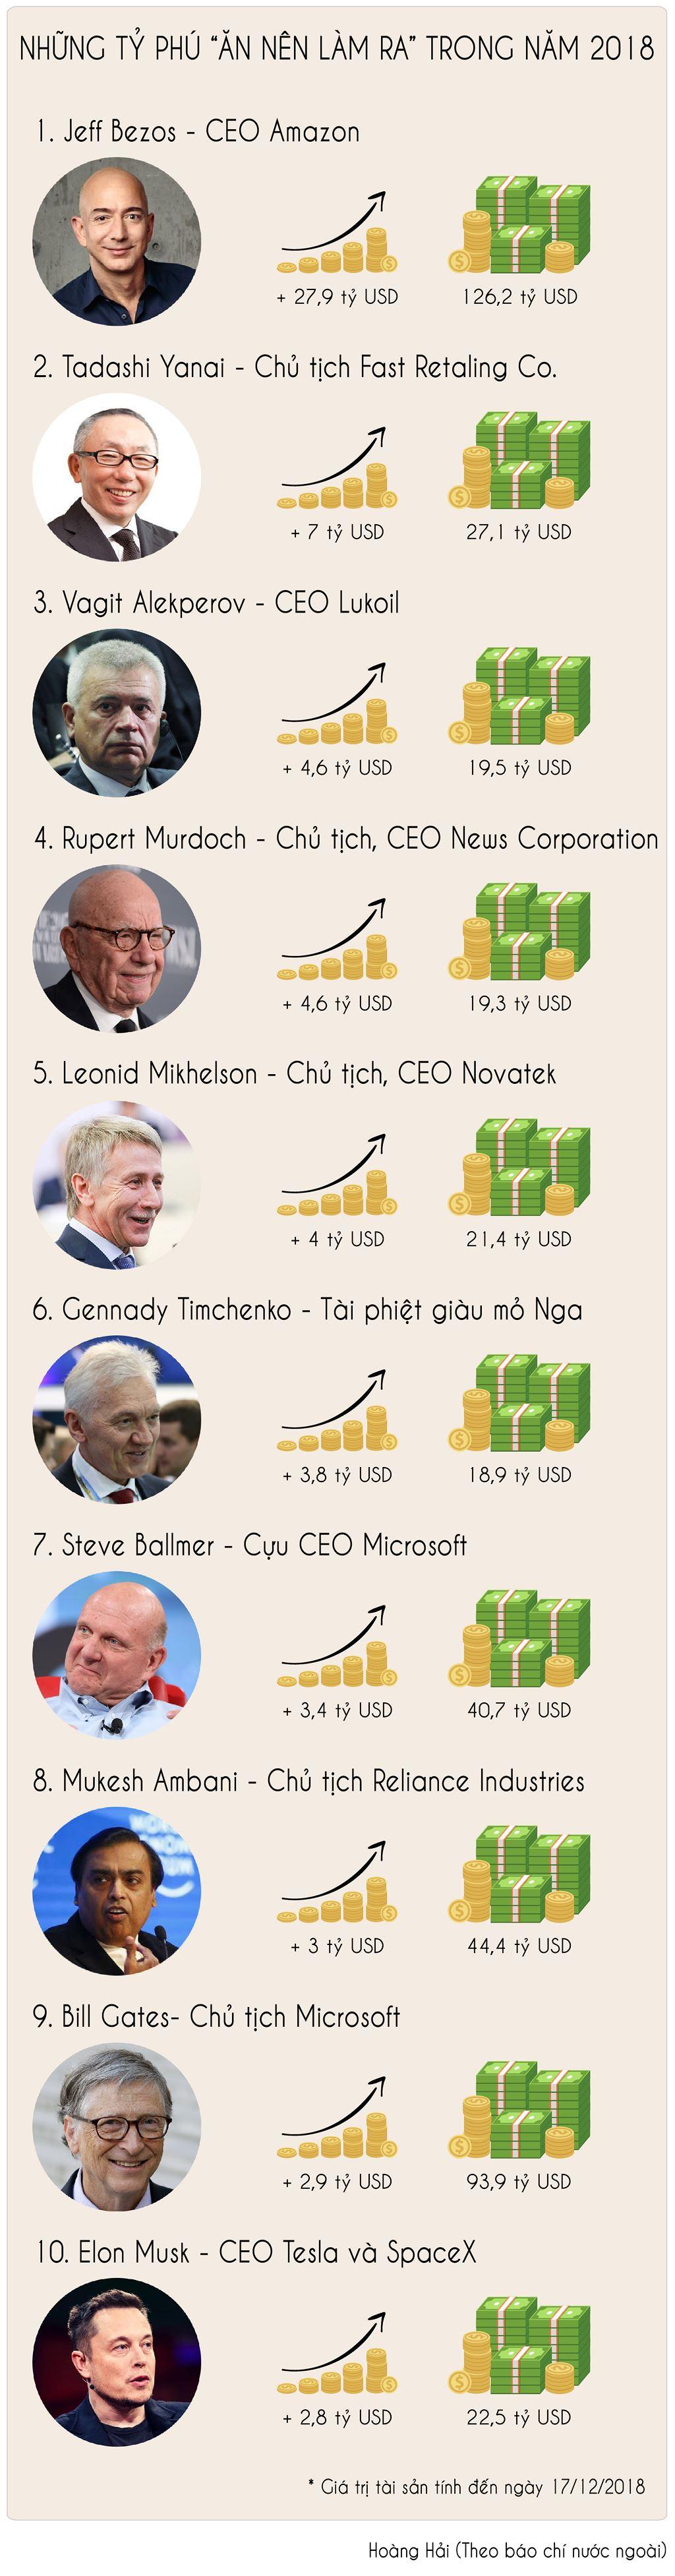 """[Infographic] Những tỷ phú """"ăn nên làm ra"""" trong năm 2018 - Ảnh 1"""